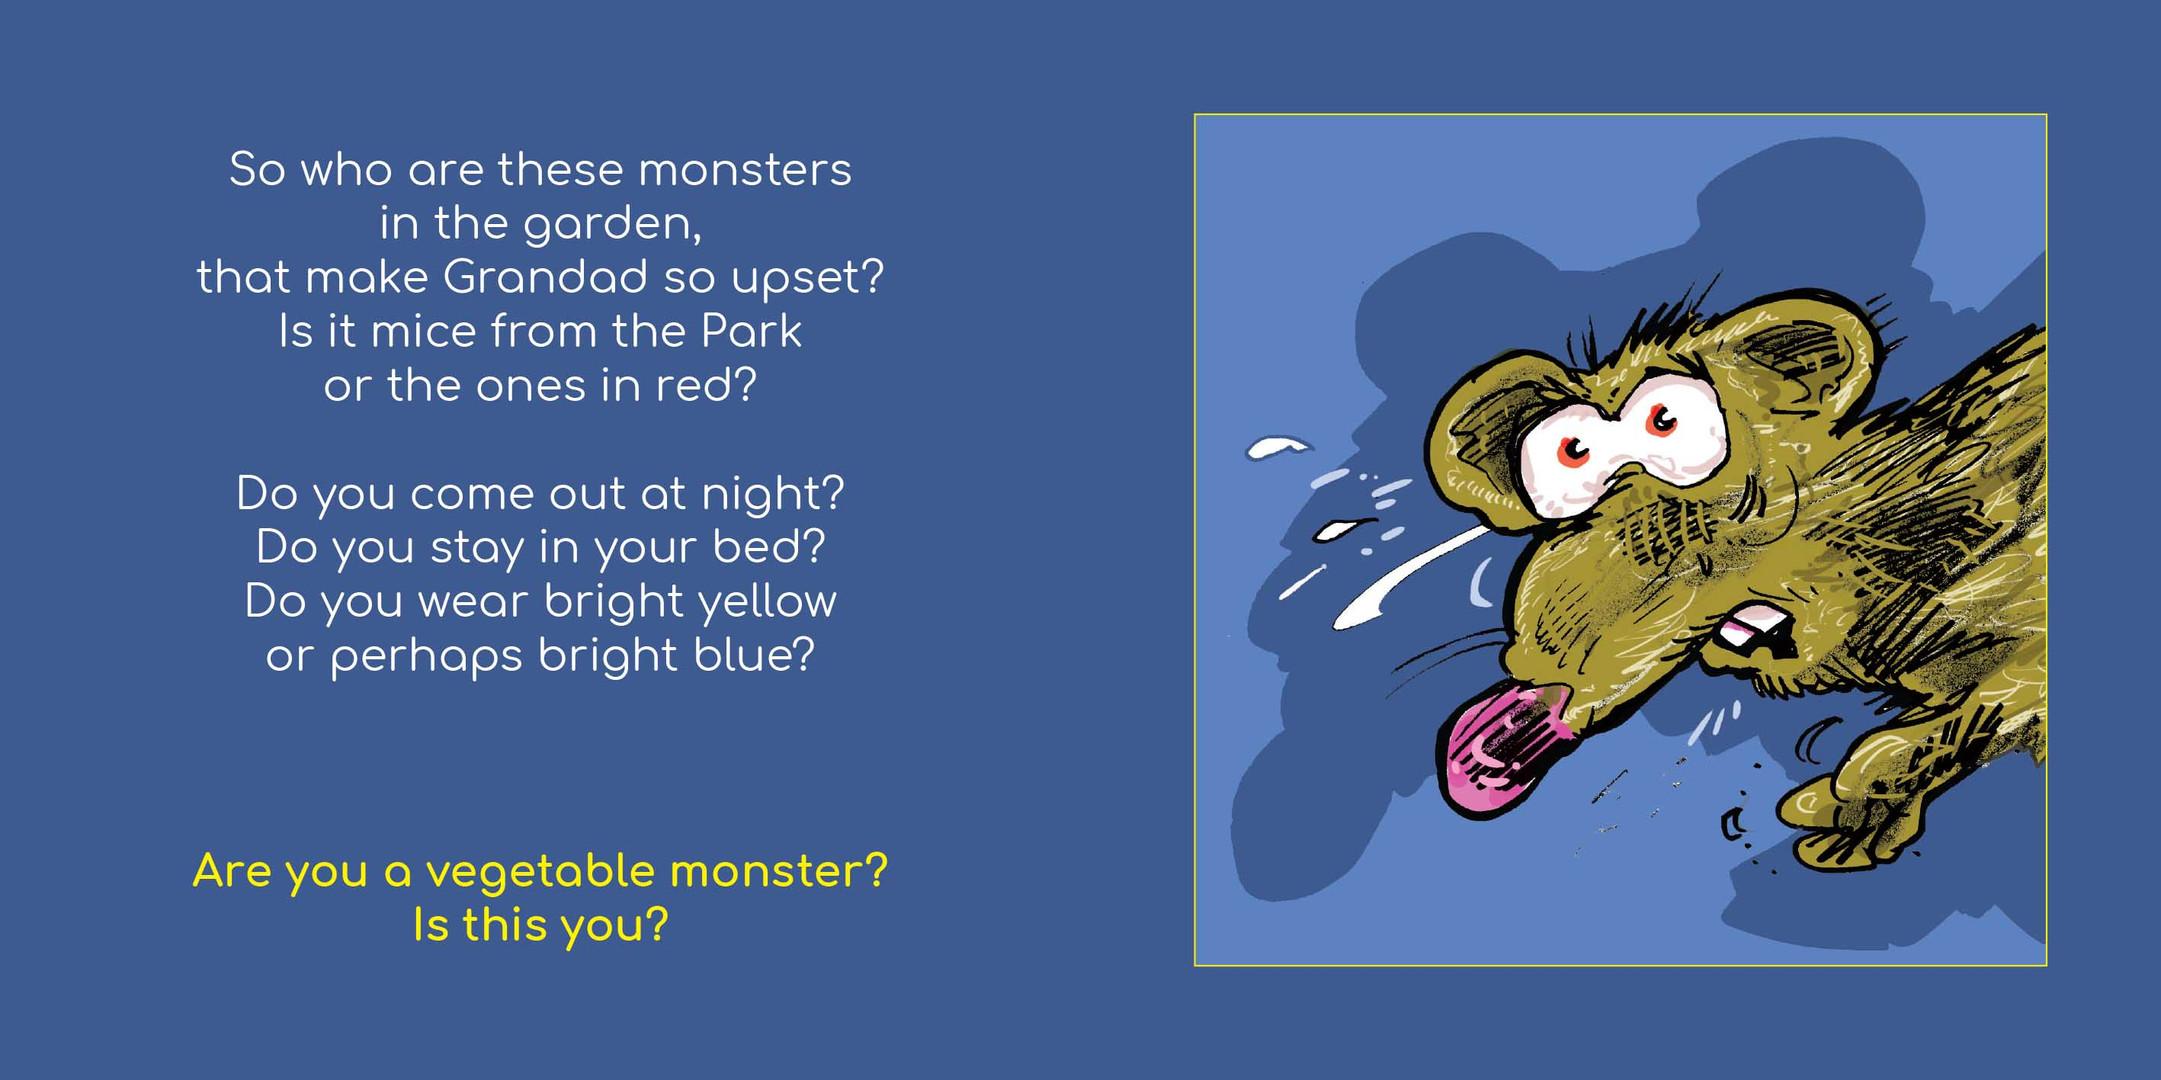 Monstersfinalforweb-13.jpg